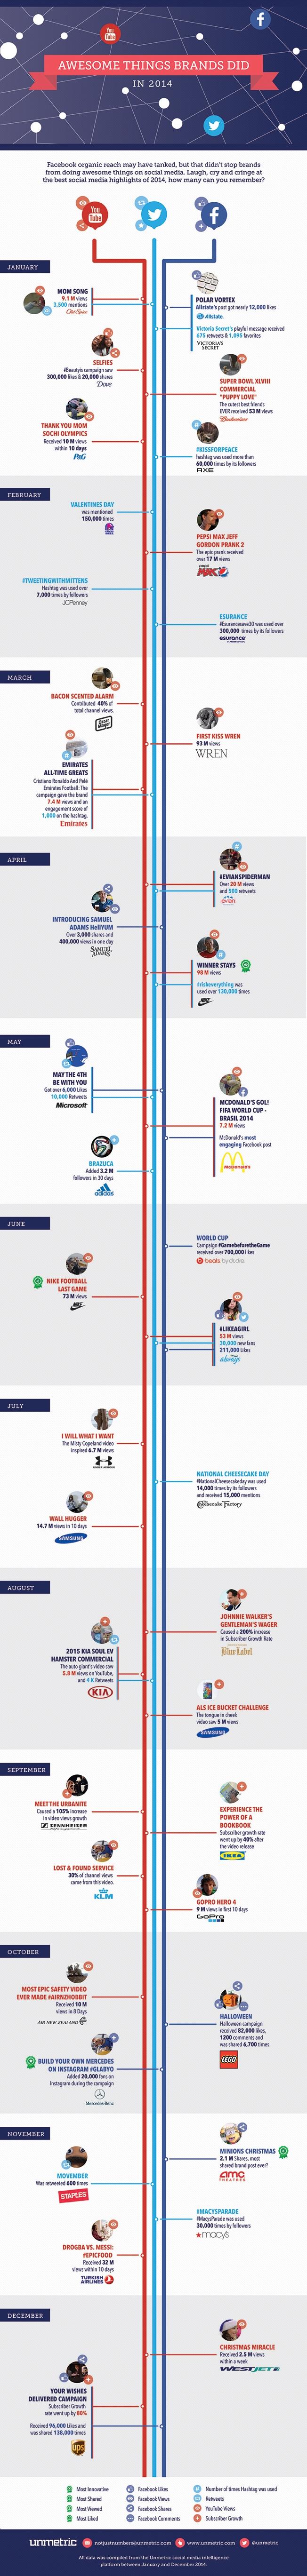 big brands in social media 2014